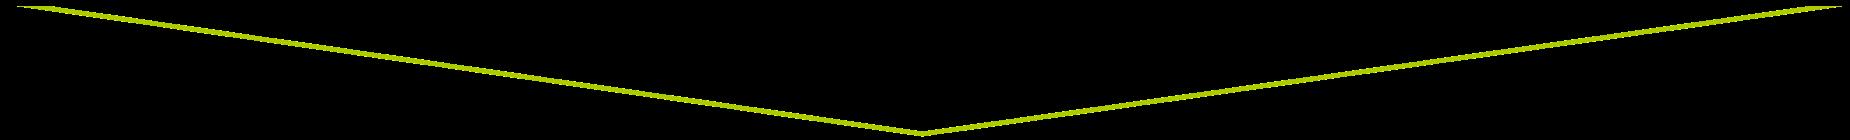 Обслуживание 1С, все виды, стрелка-указатель на подробности, иконка